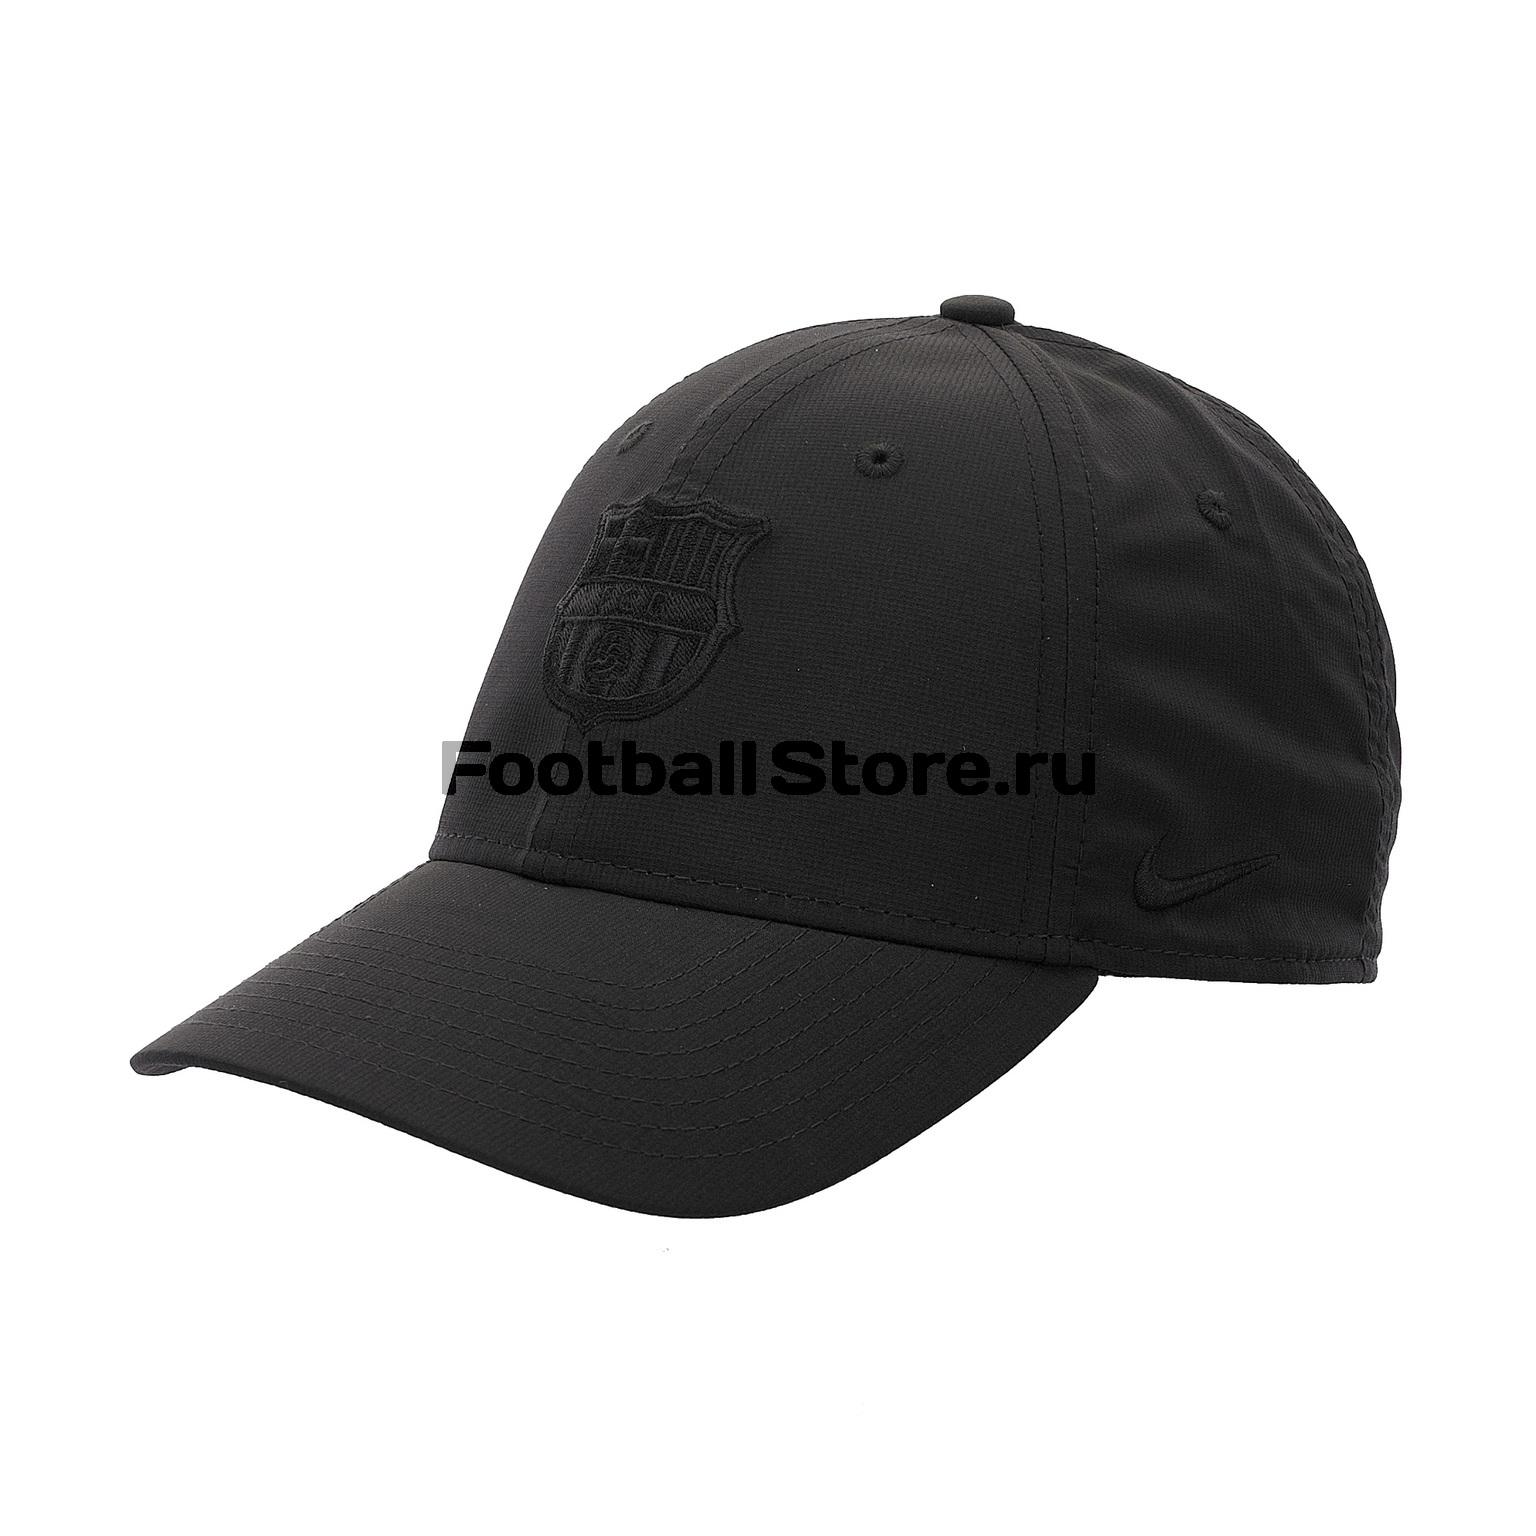 Бейсболка Nike Barcelona Dry L91 Cap BV6419-010 бейсболка nike sportswear cap trucker aq9879 010